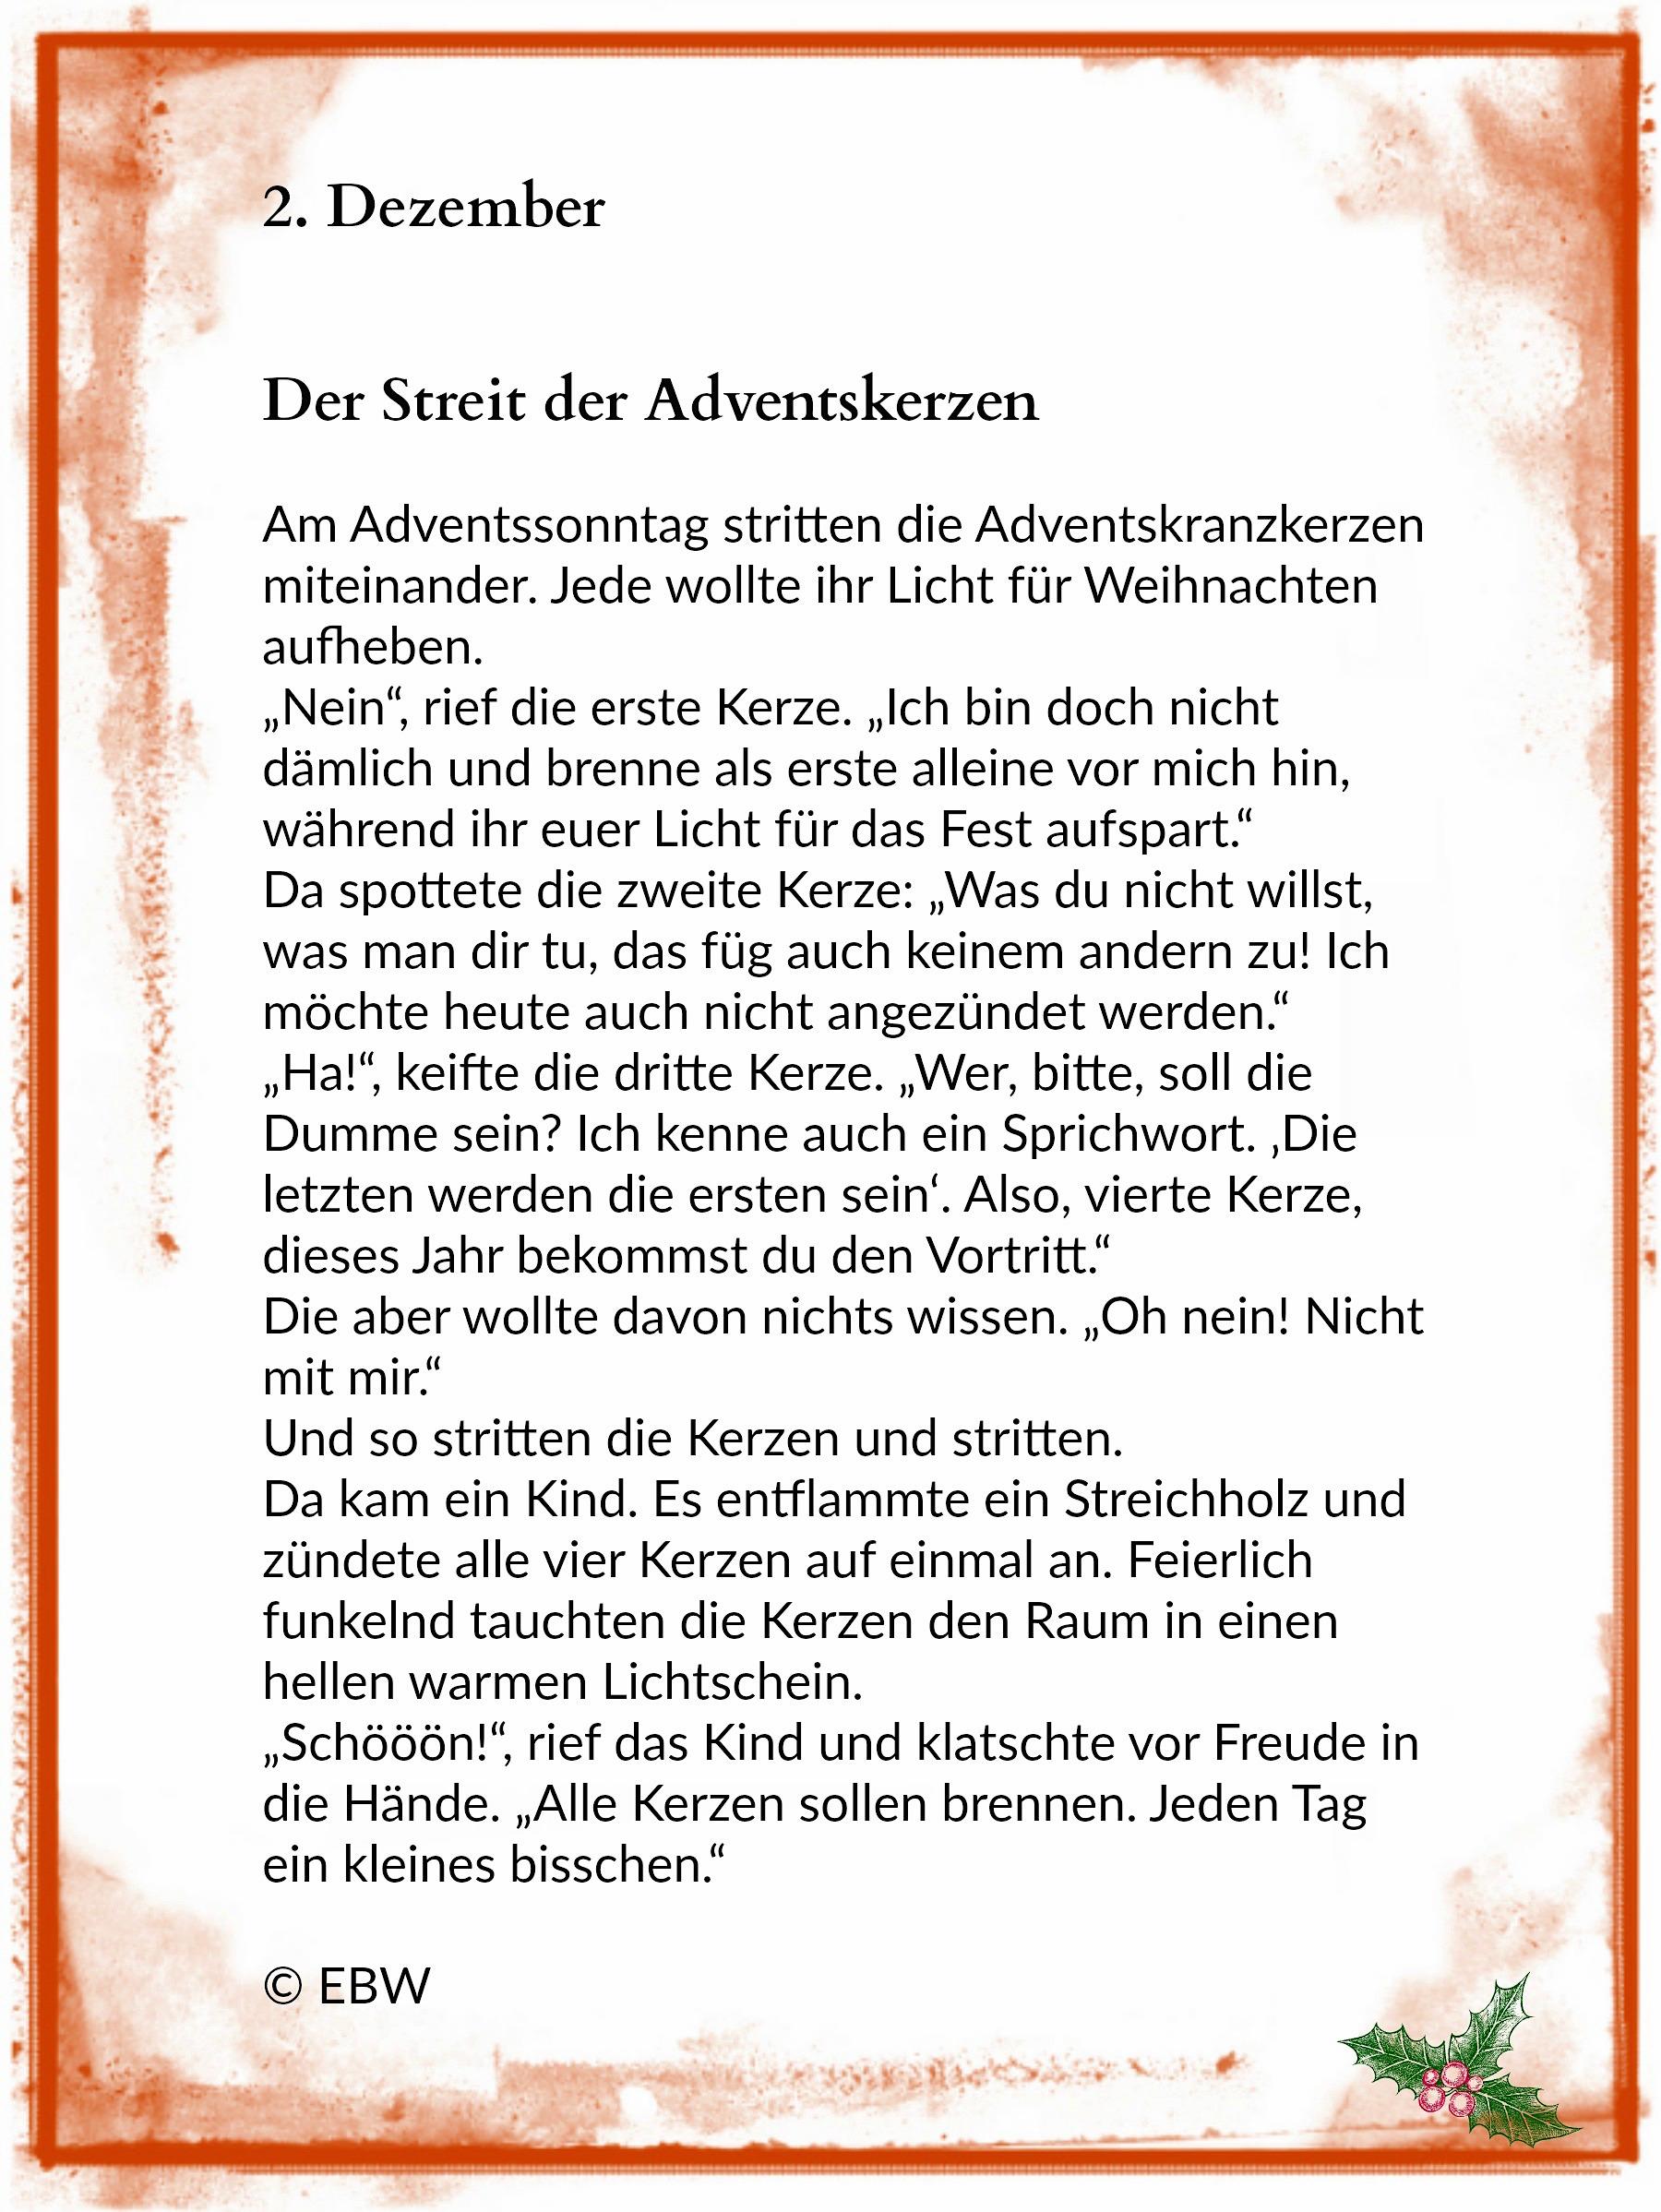 Die adventskerzen 2 dezember winterzeit - Adventskranz englisch ...